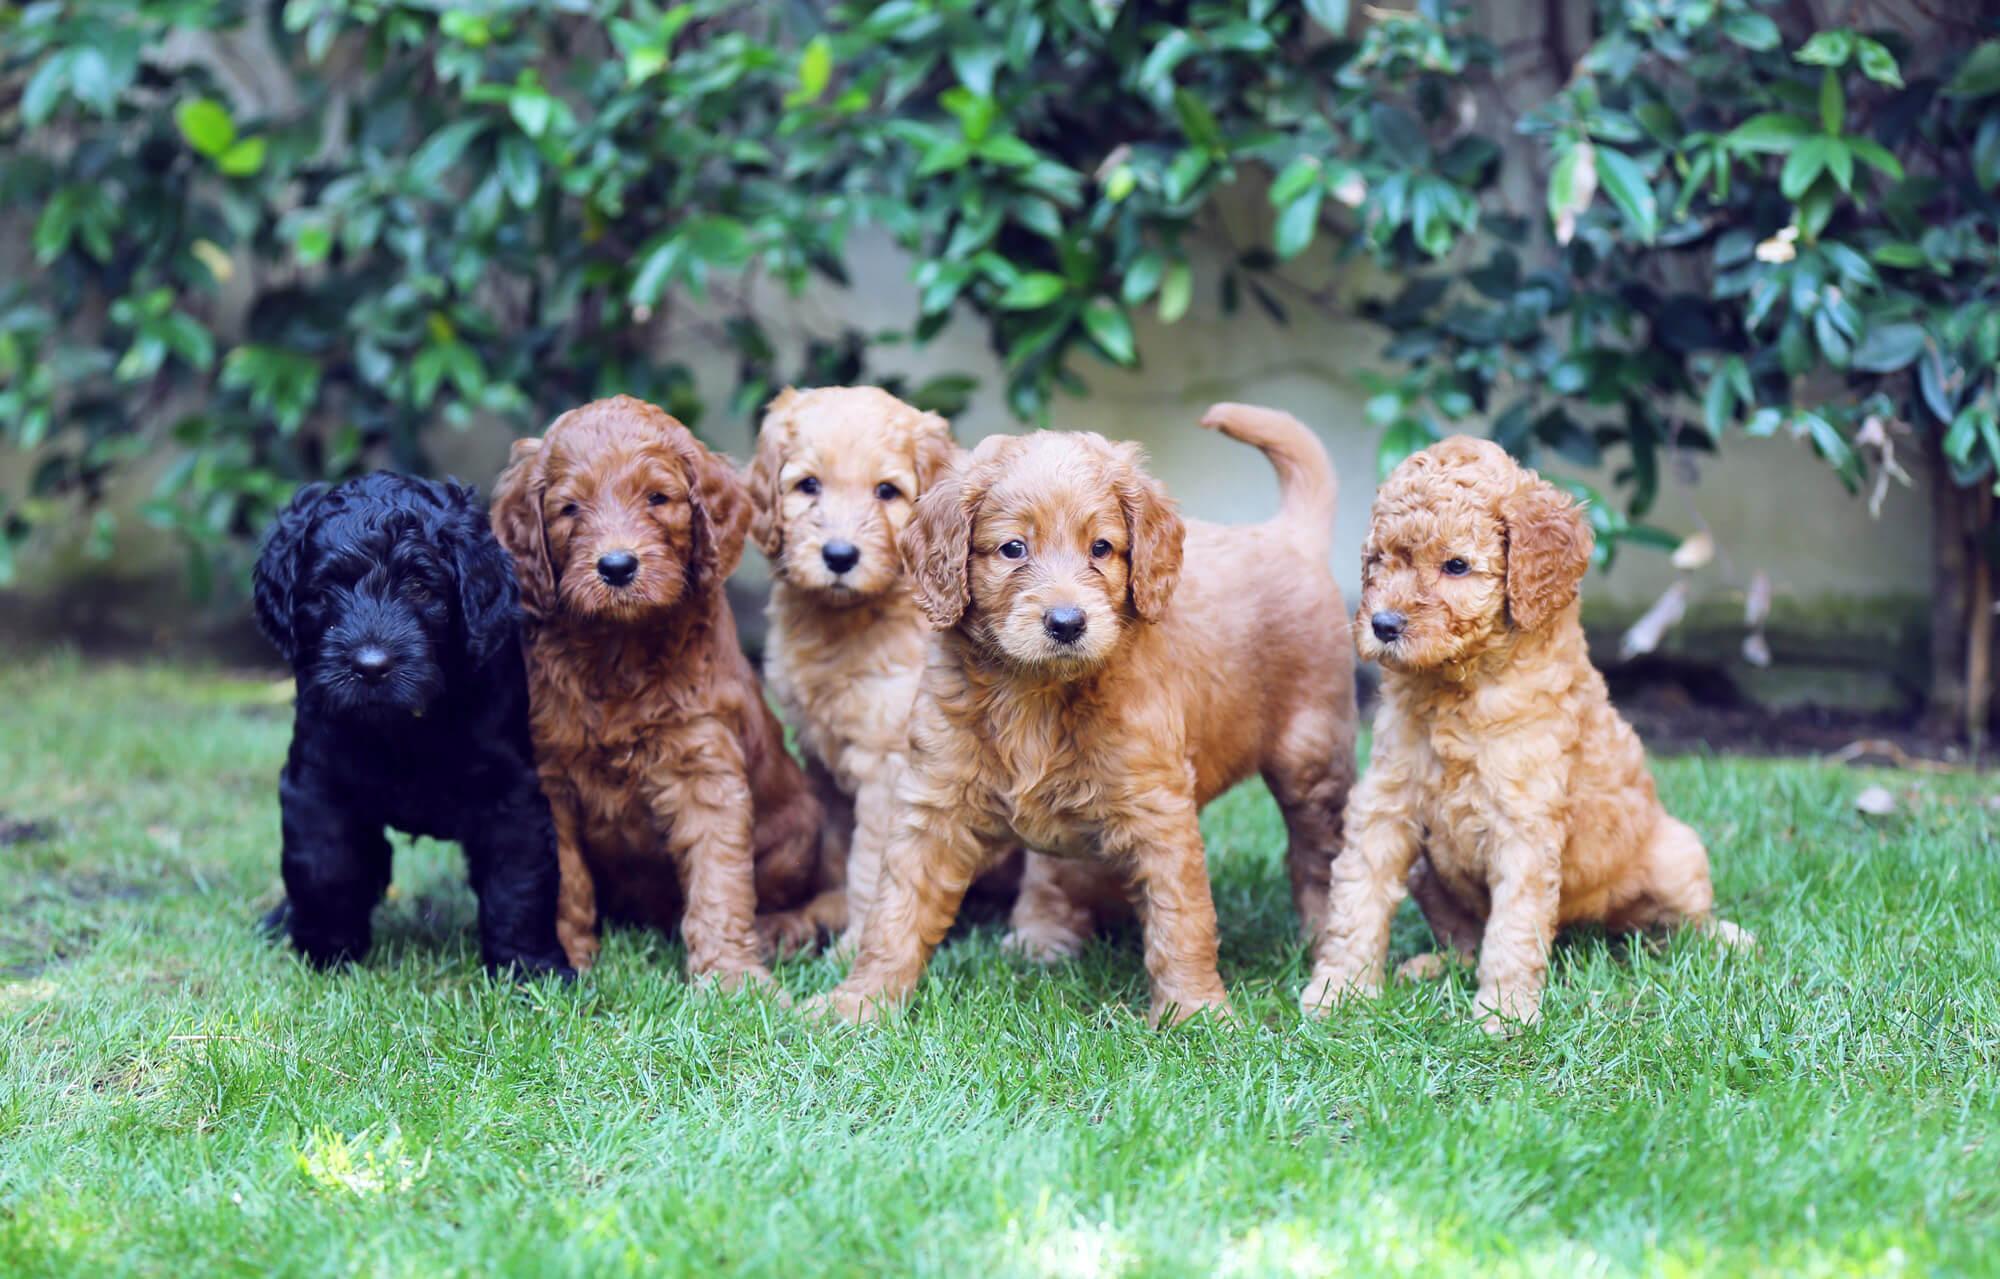 Cachorros-Labradoodle-australian-cobberdog Noticias de perros - Inicio